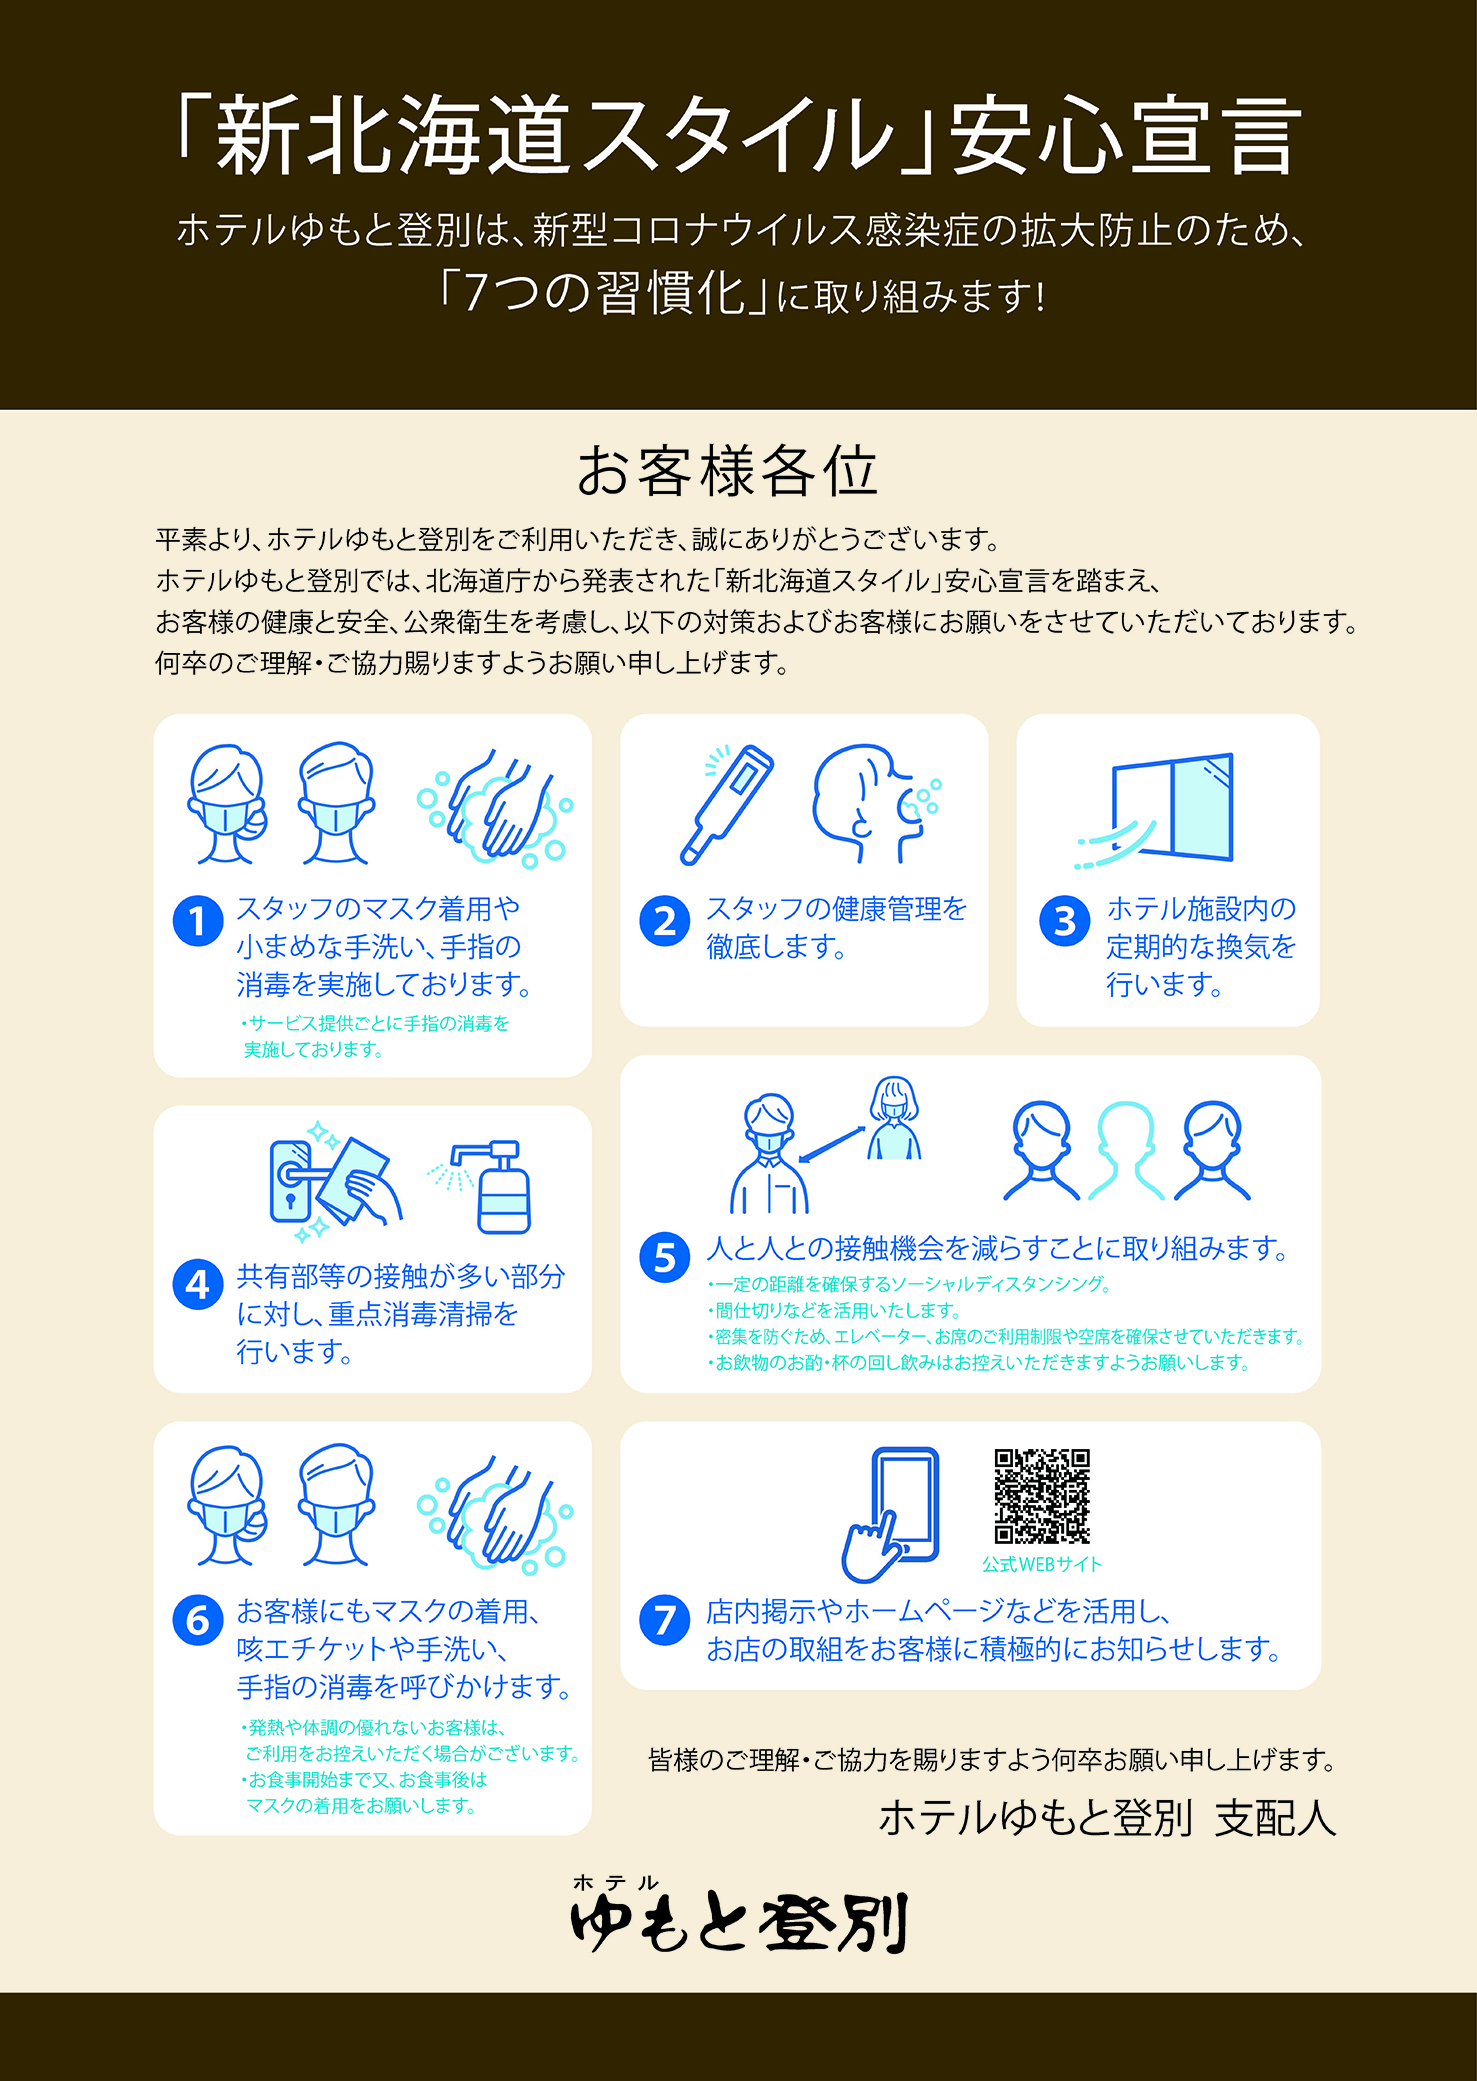 「新北海道スタイル」安心宣言への取り組み